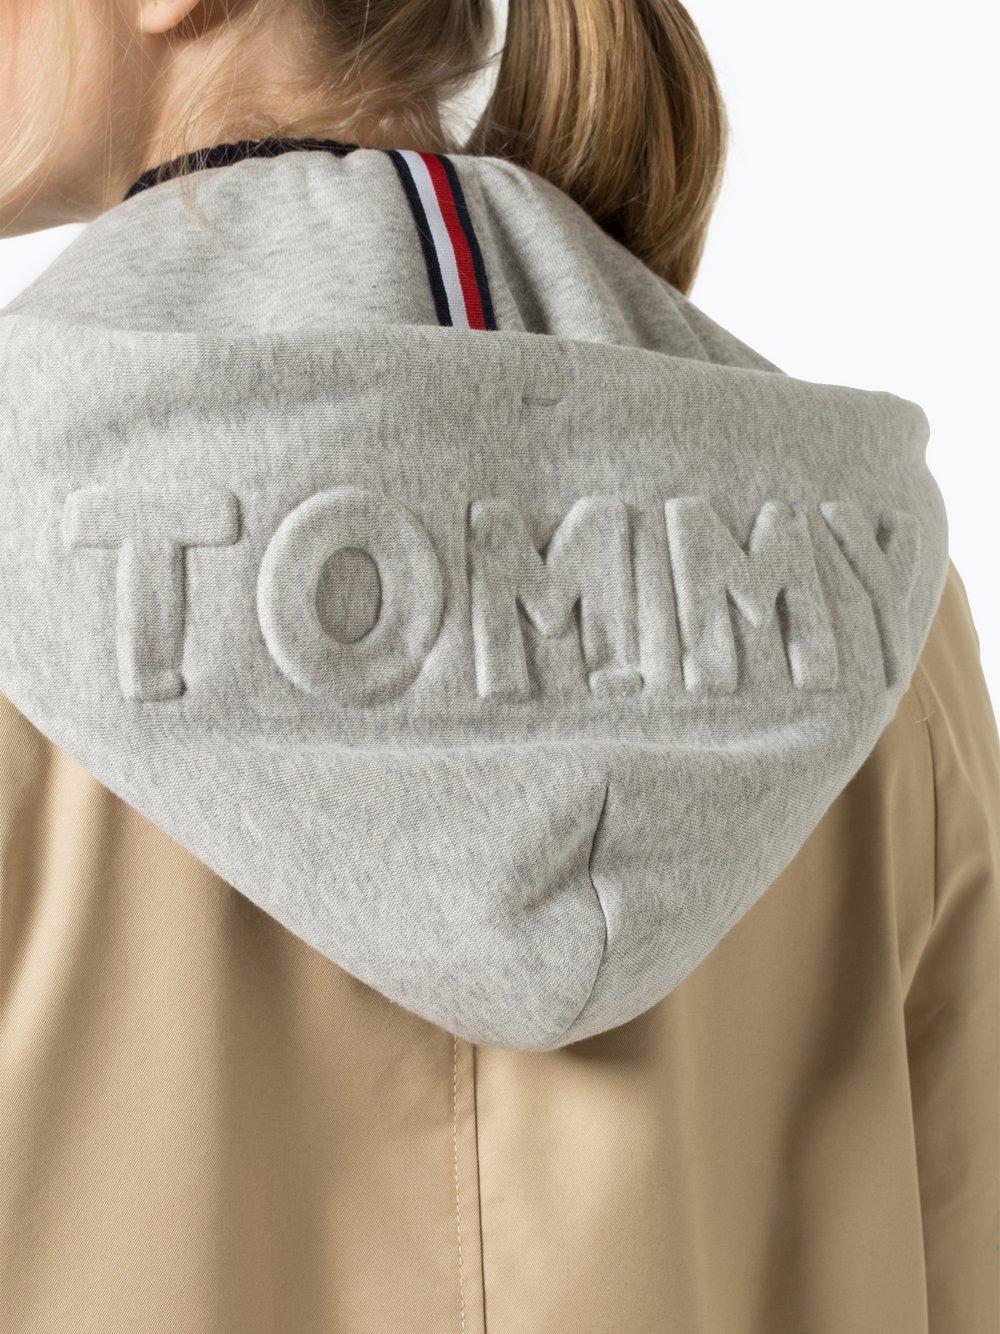 Mantel Hilfiger Damen Tommy com KaufenVangraaf Online SUzpVMq